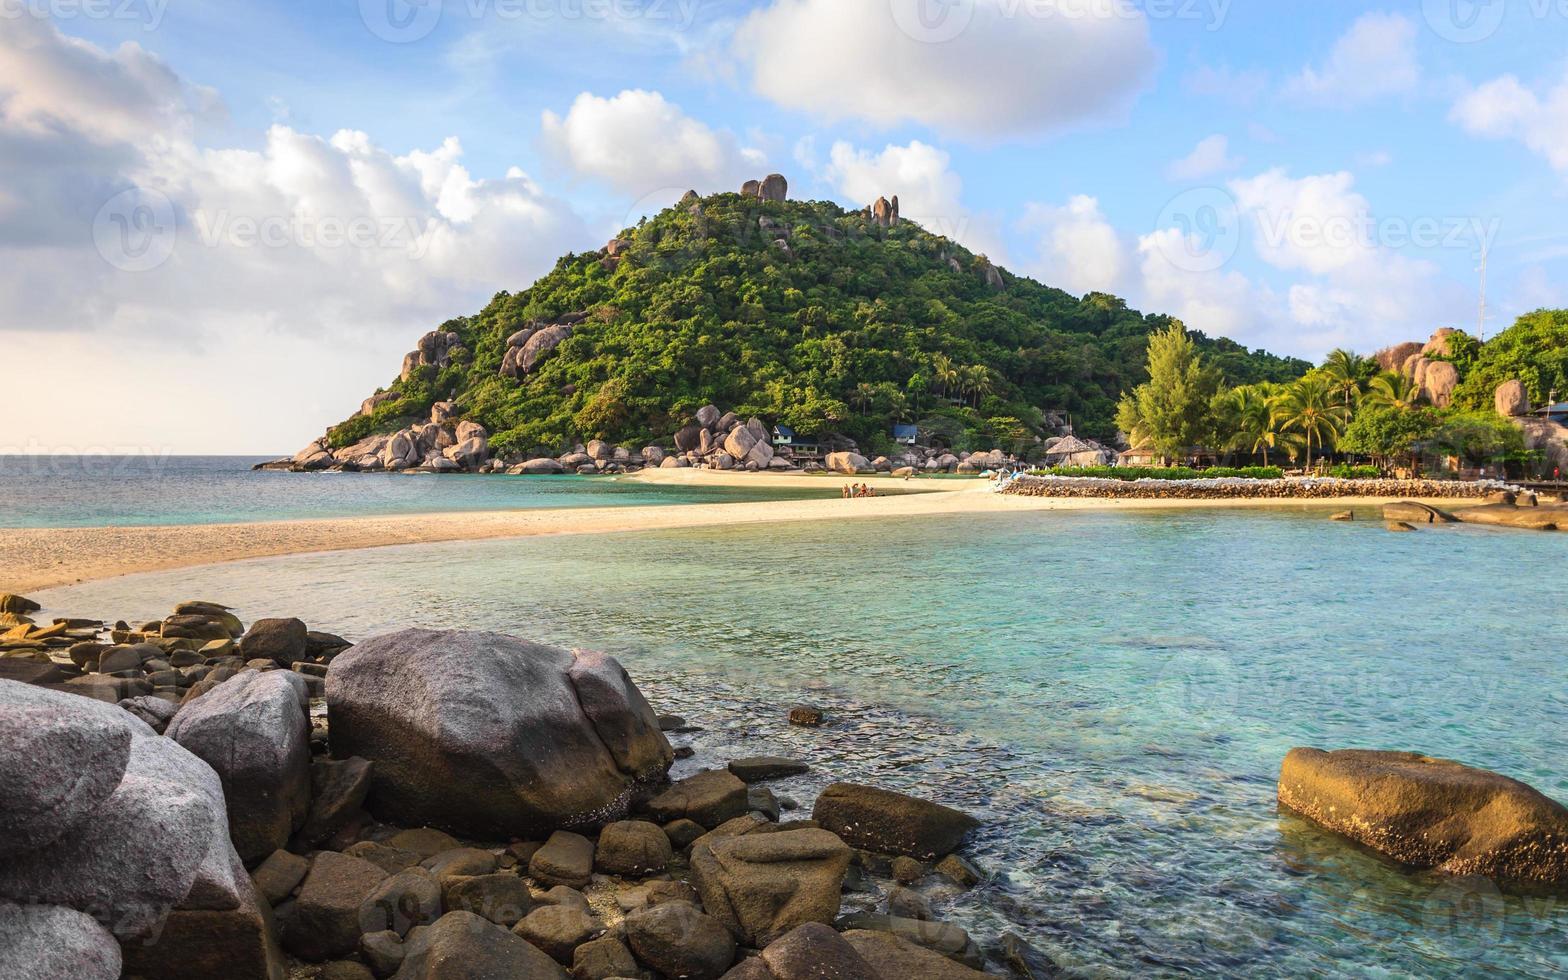 Beautiful Sea at Tropical Island photo